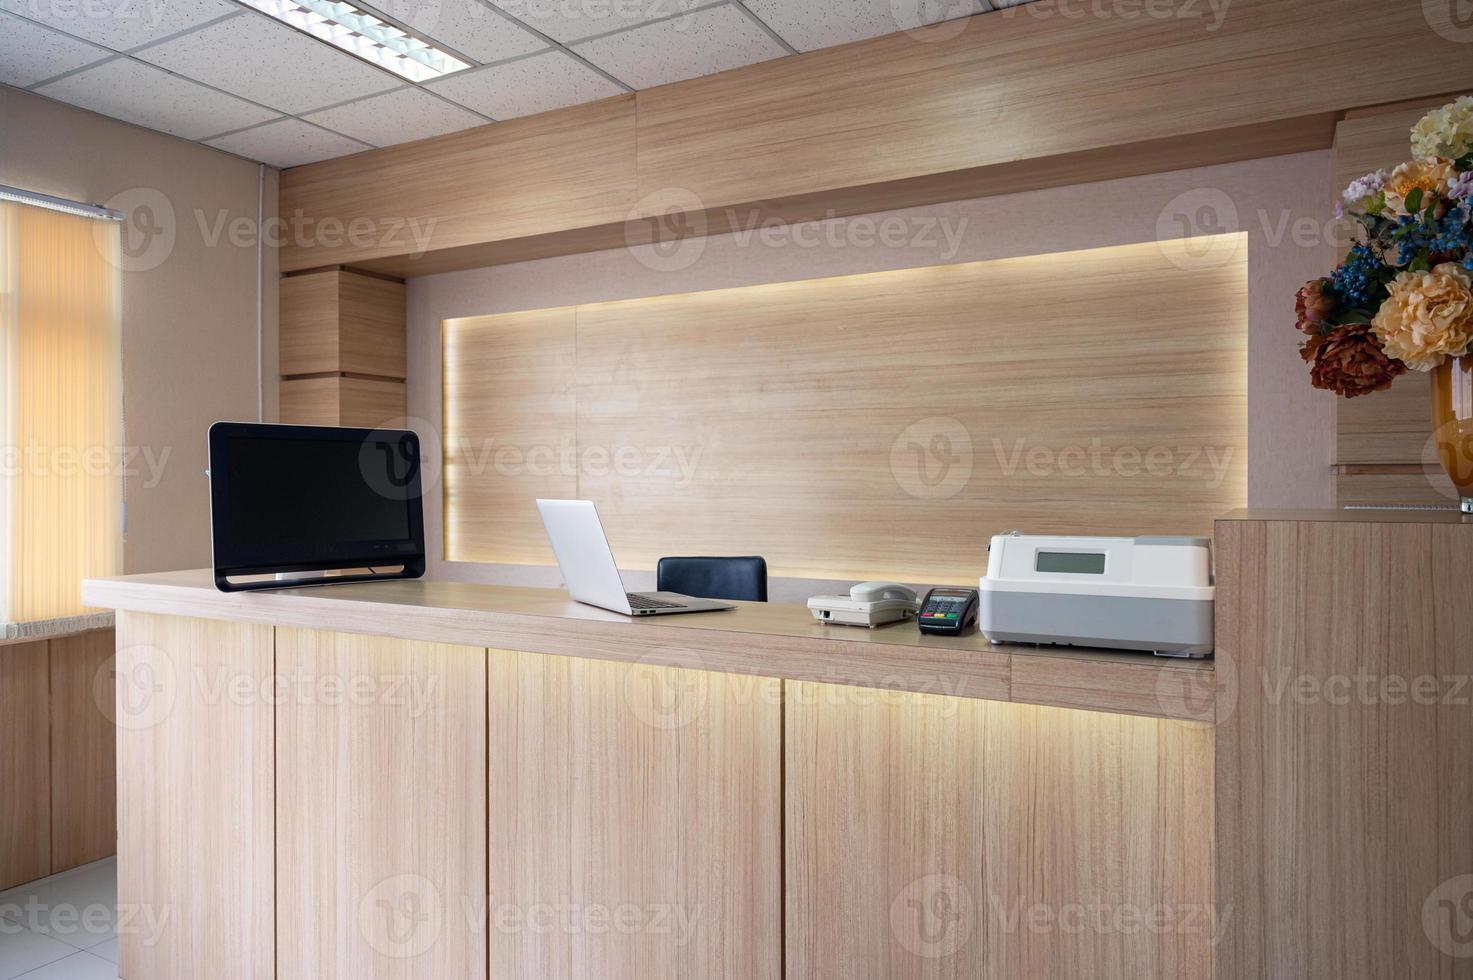 comptoir de réception en bois moderne avec moniteur, ordinateur portable et appareil électronique à l'hôpital photo